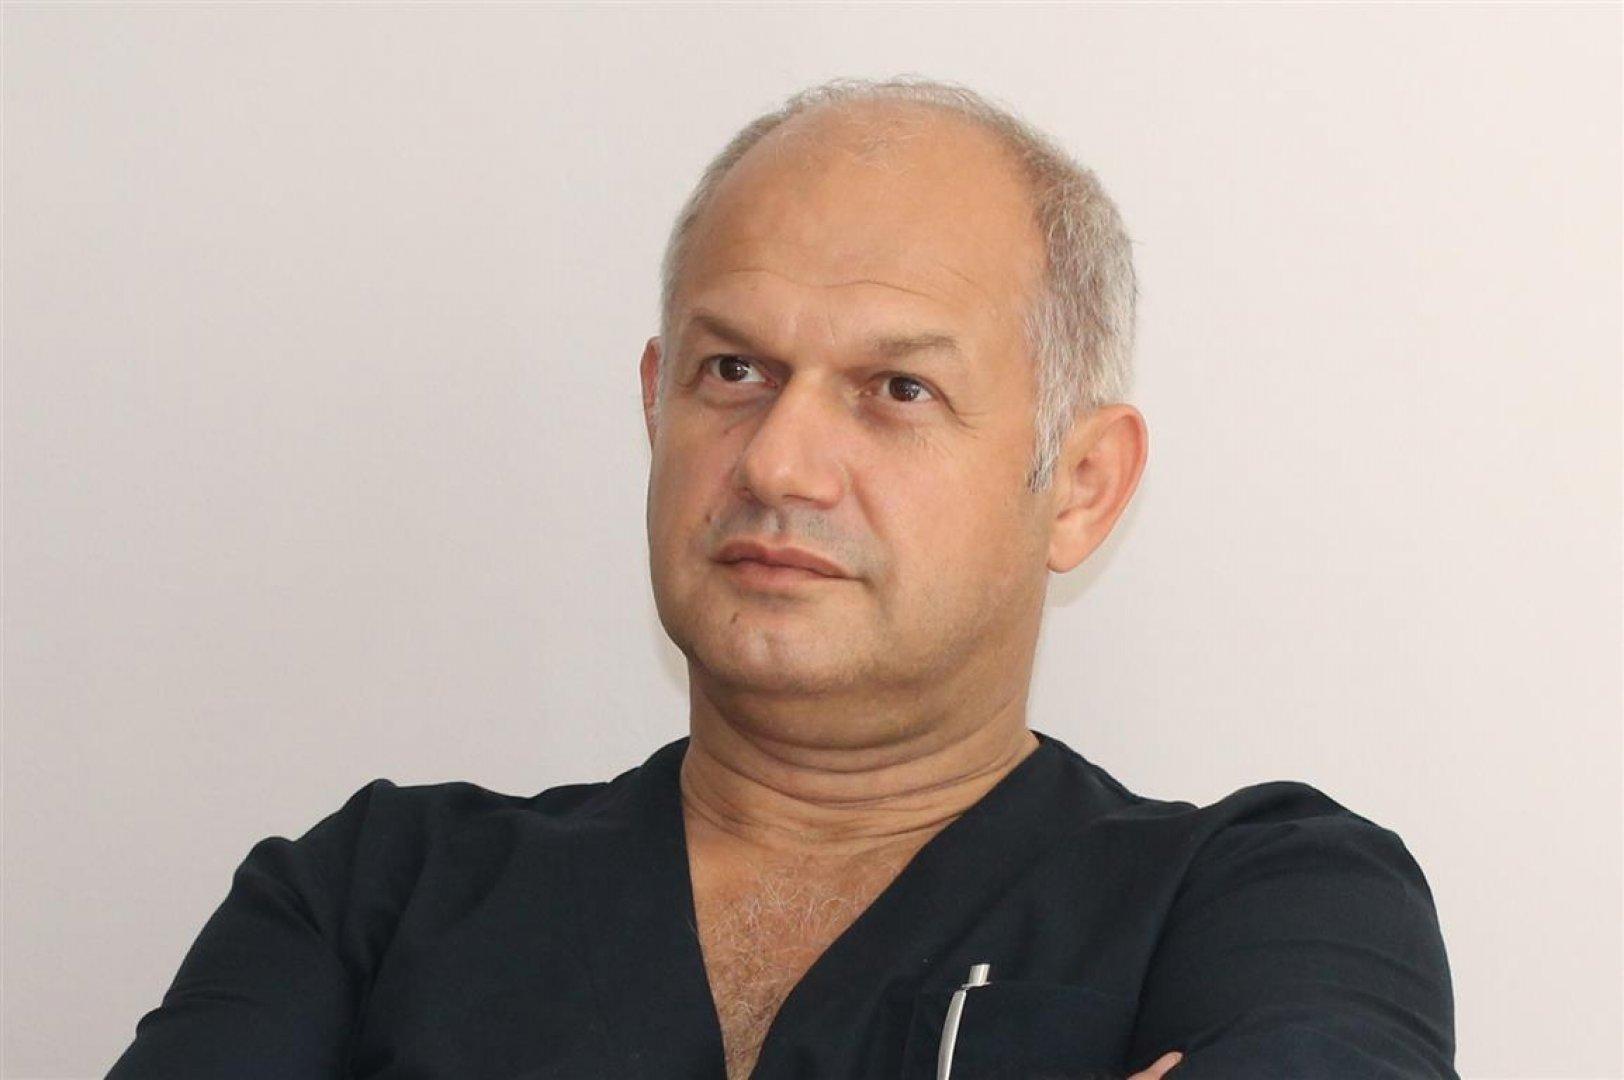 Самите диабетици също нямат знанието как трябва да се лекуват, смята д-р Василев. Снимка УМБАЛ - Бургас